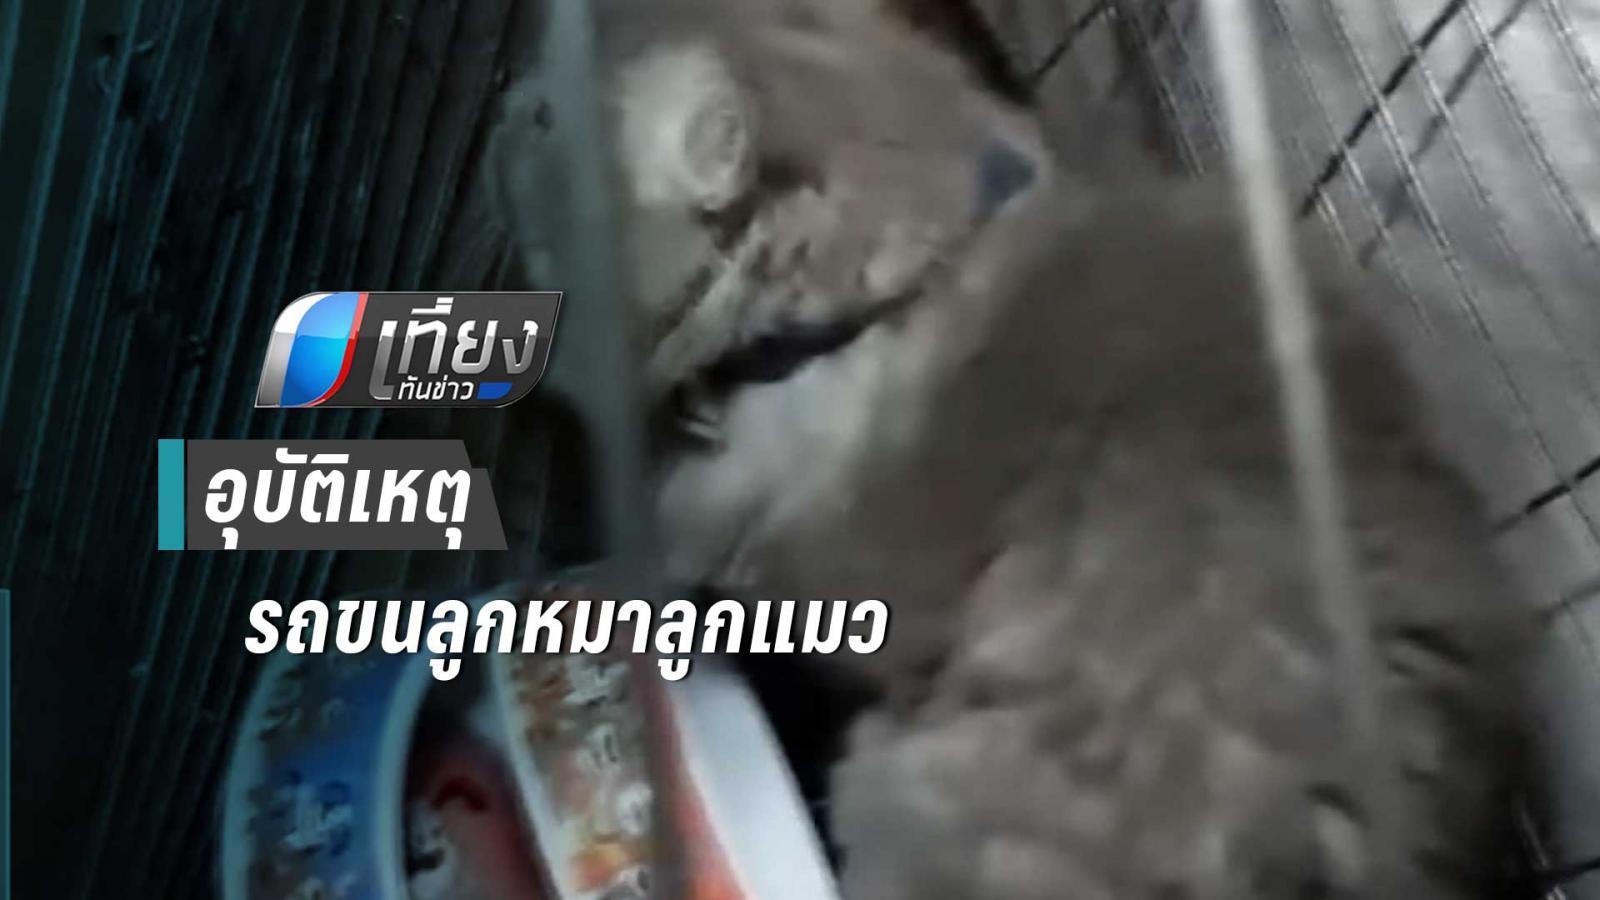 อุบัติเหตุรถขนลูกหมาลูกแมว ตกร่องกลางถนน ยังดีภรรยา –ลูกวัย 4เดือนบาดเจ็บเล็กน้อย